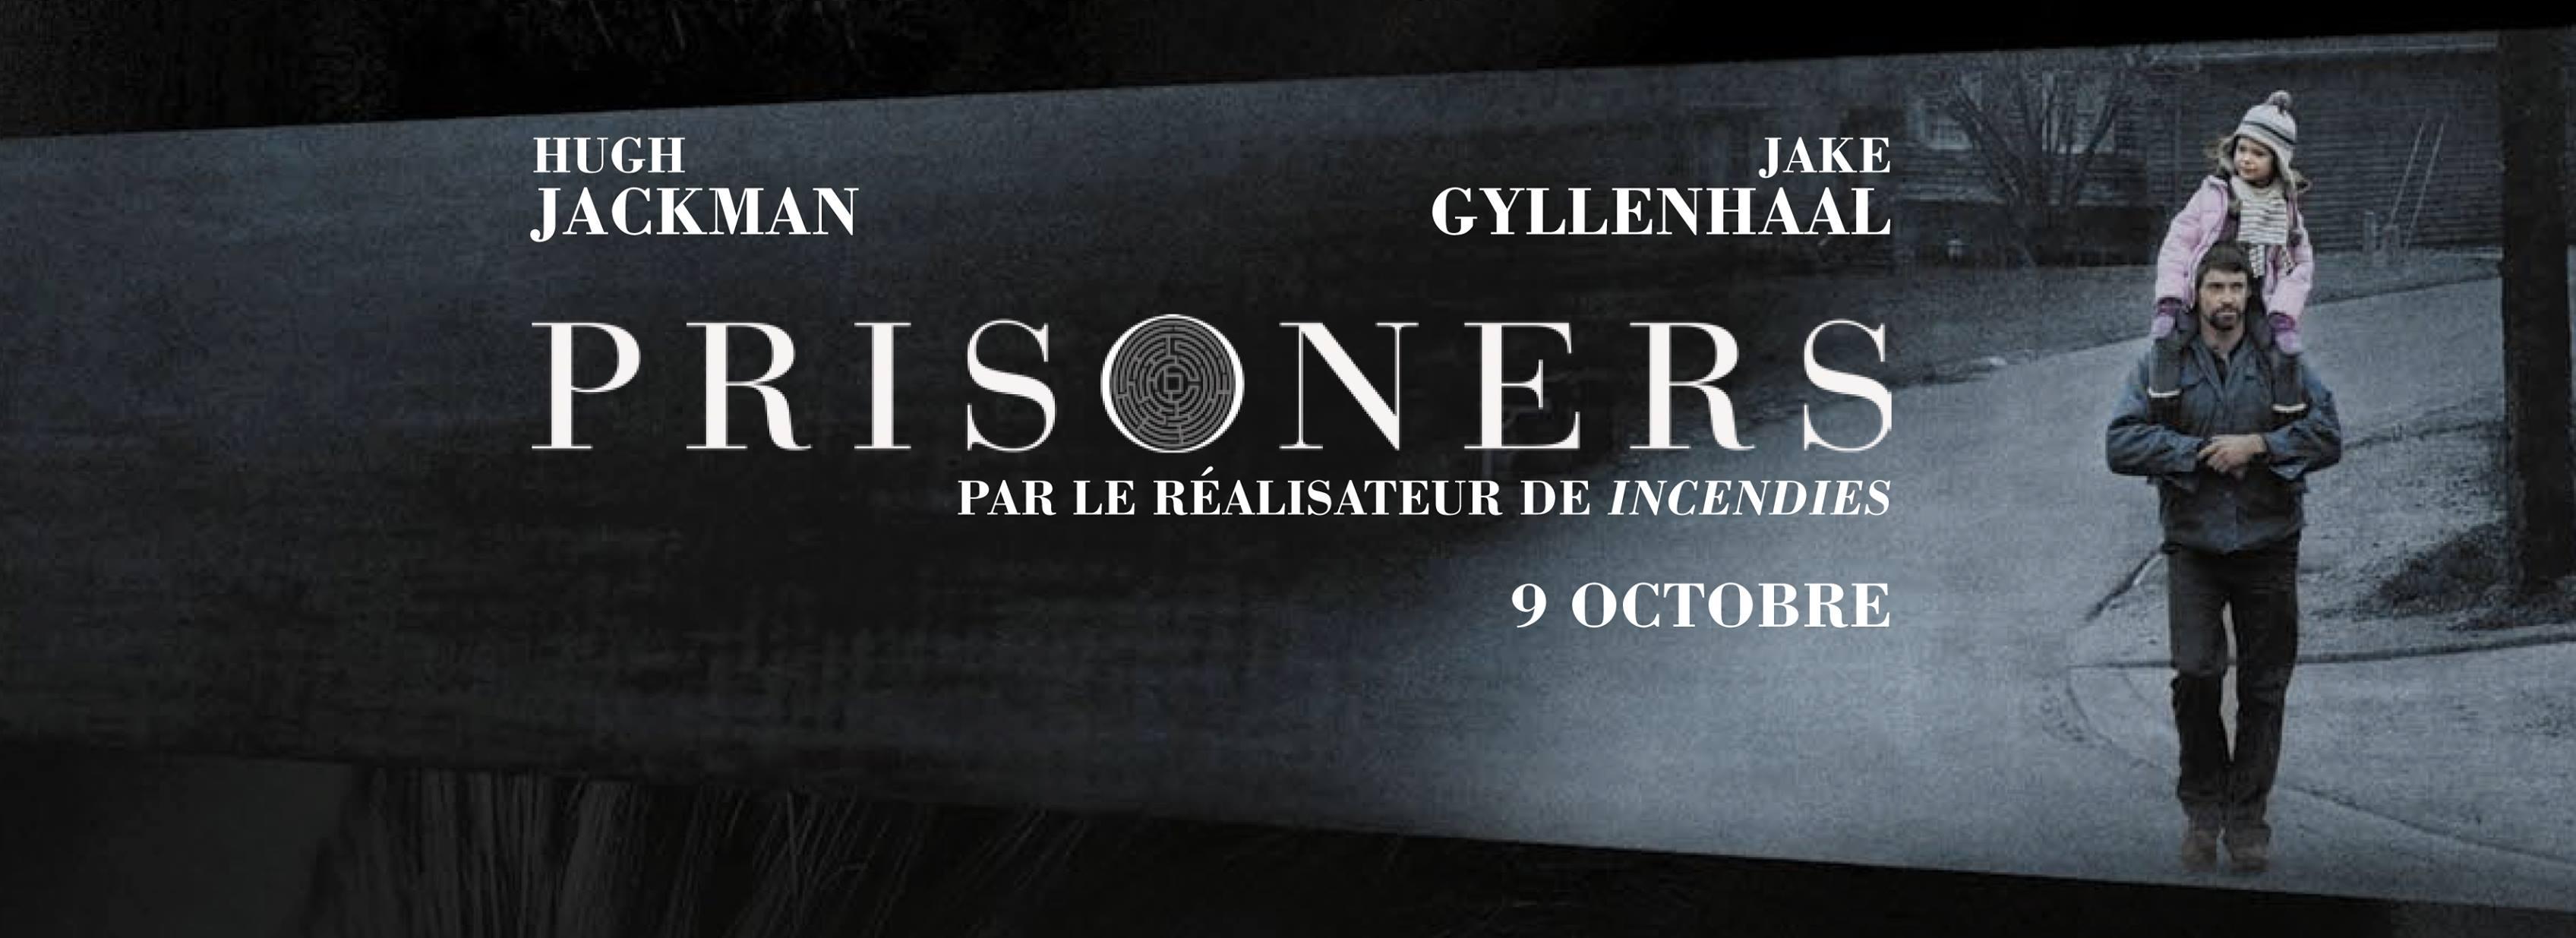 PRISONERS - bandeau sur Go with the Blog